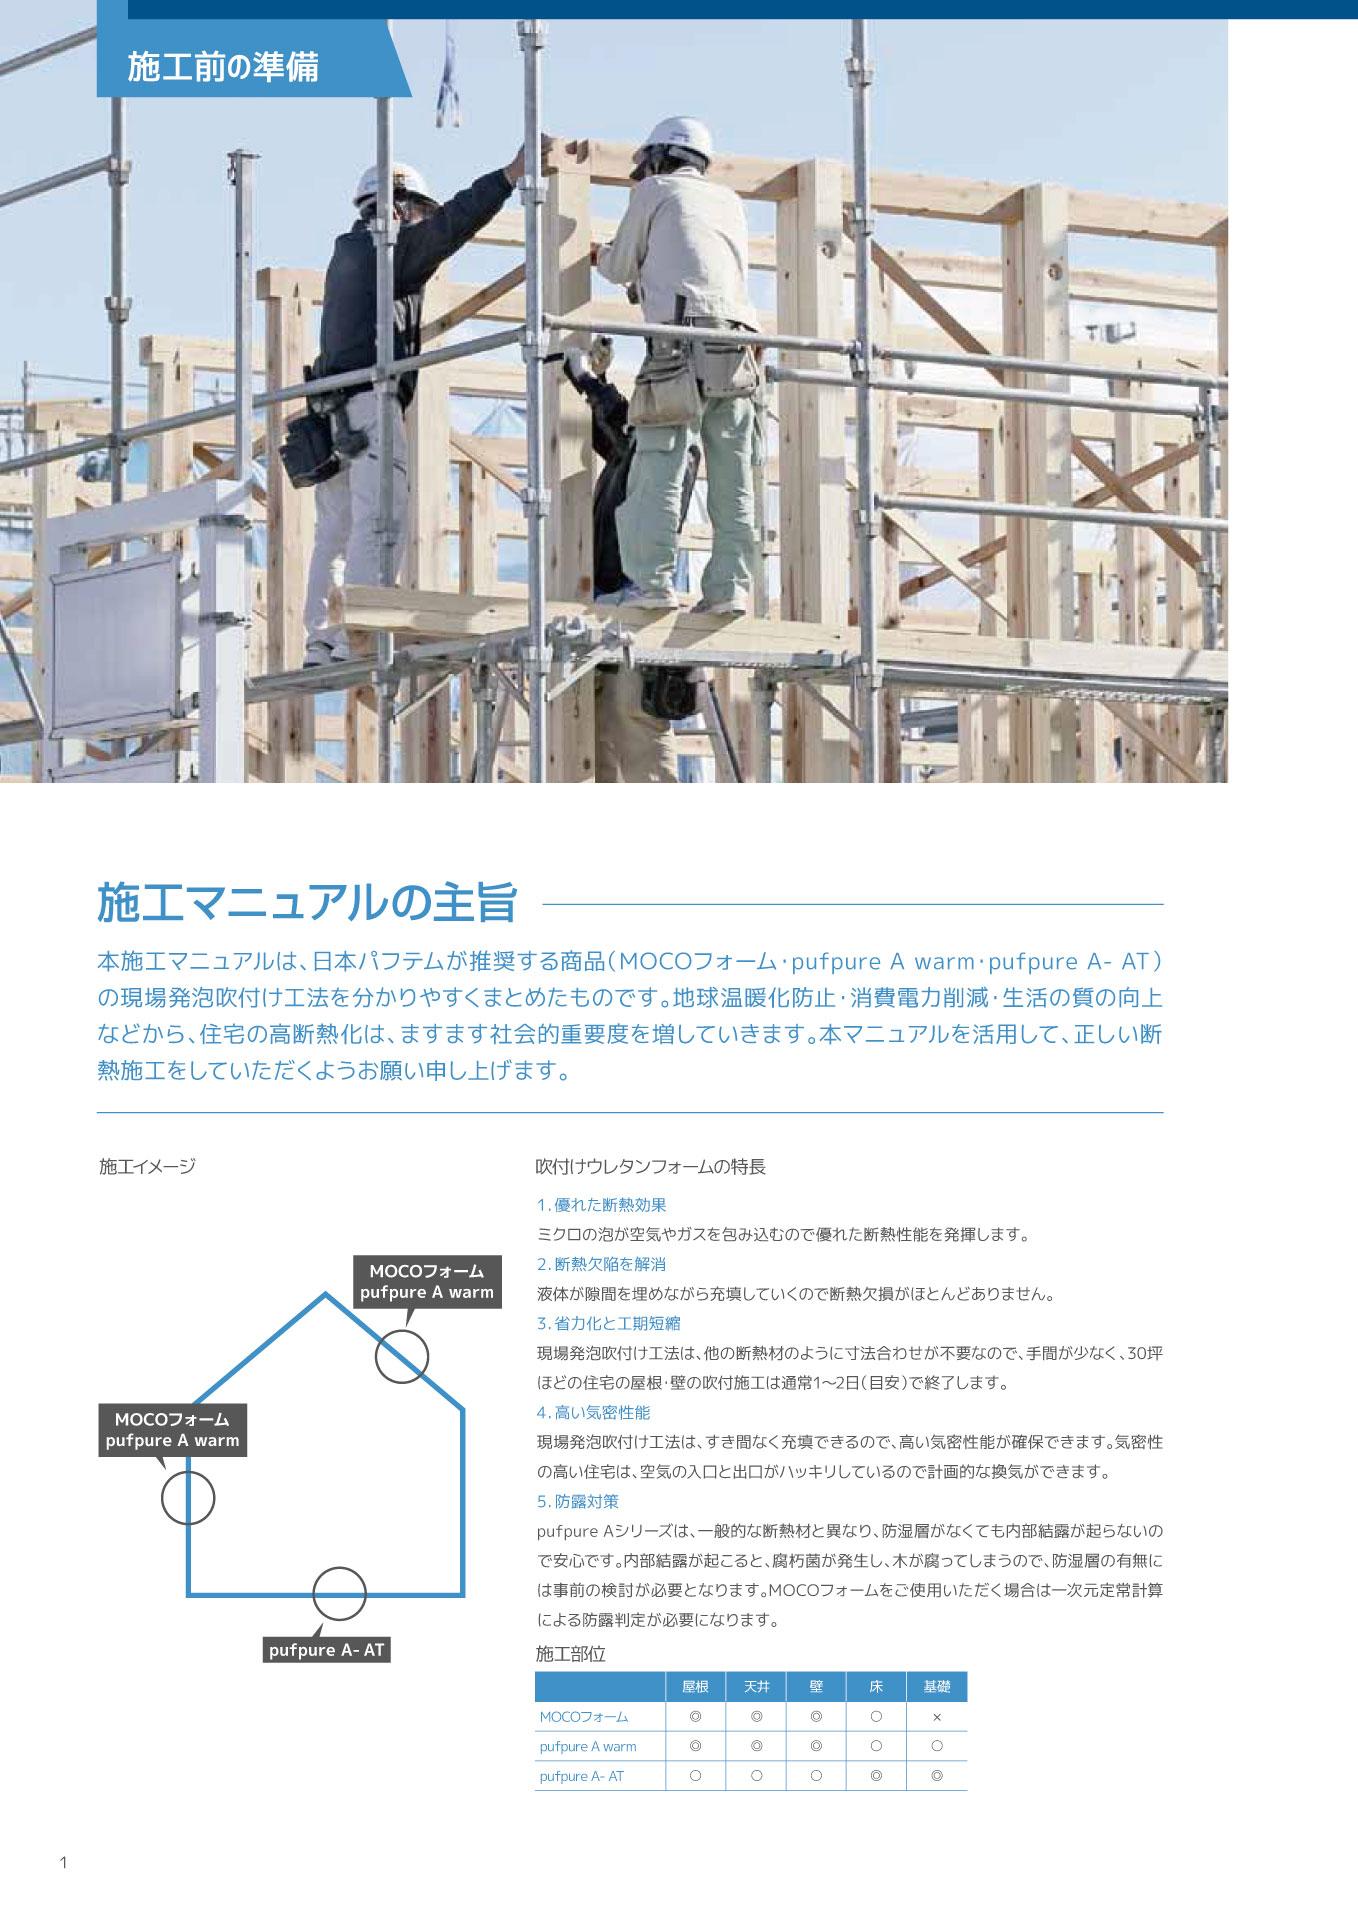 木造住宅用施工マニュアルP1